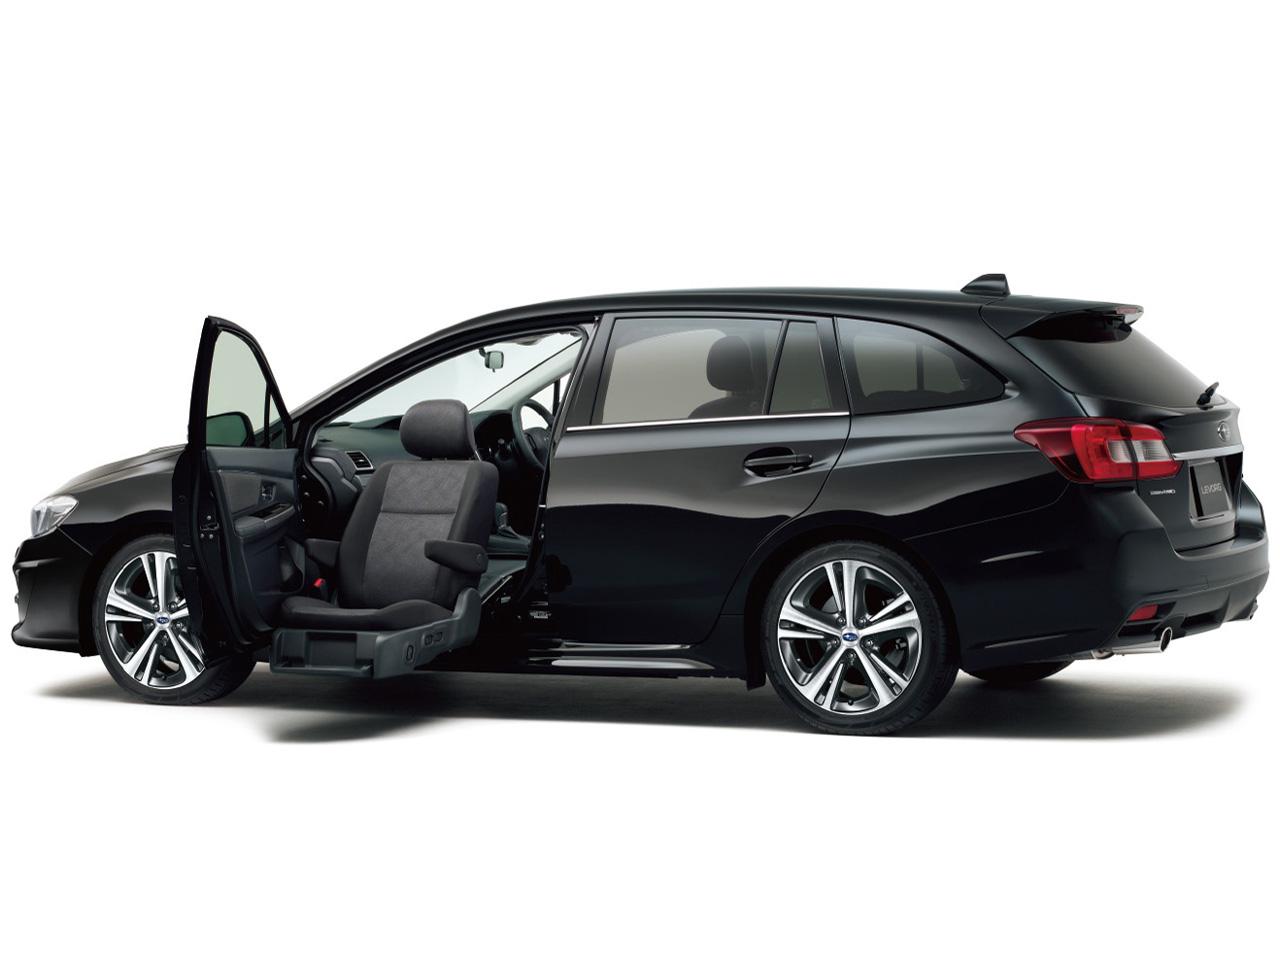 スバル レヴォーグ 福祉車両 2014年モデル 新車画像